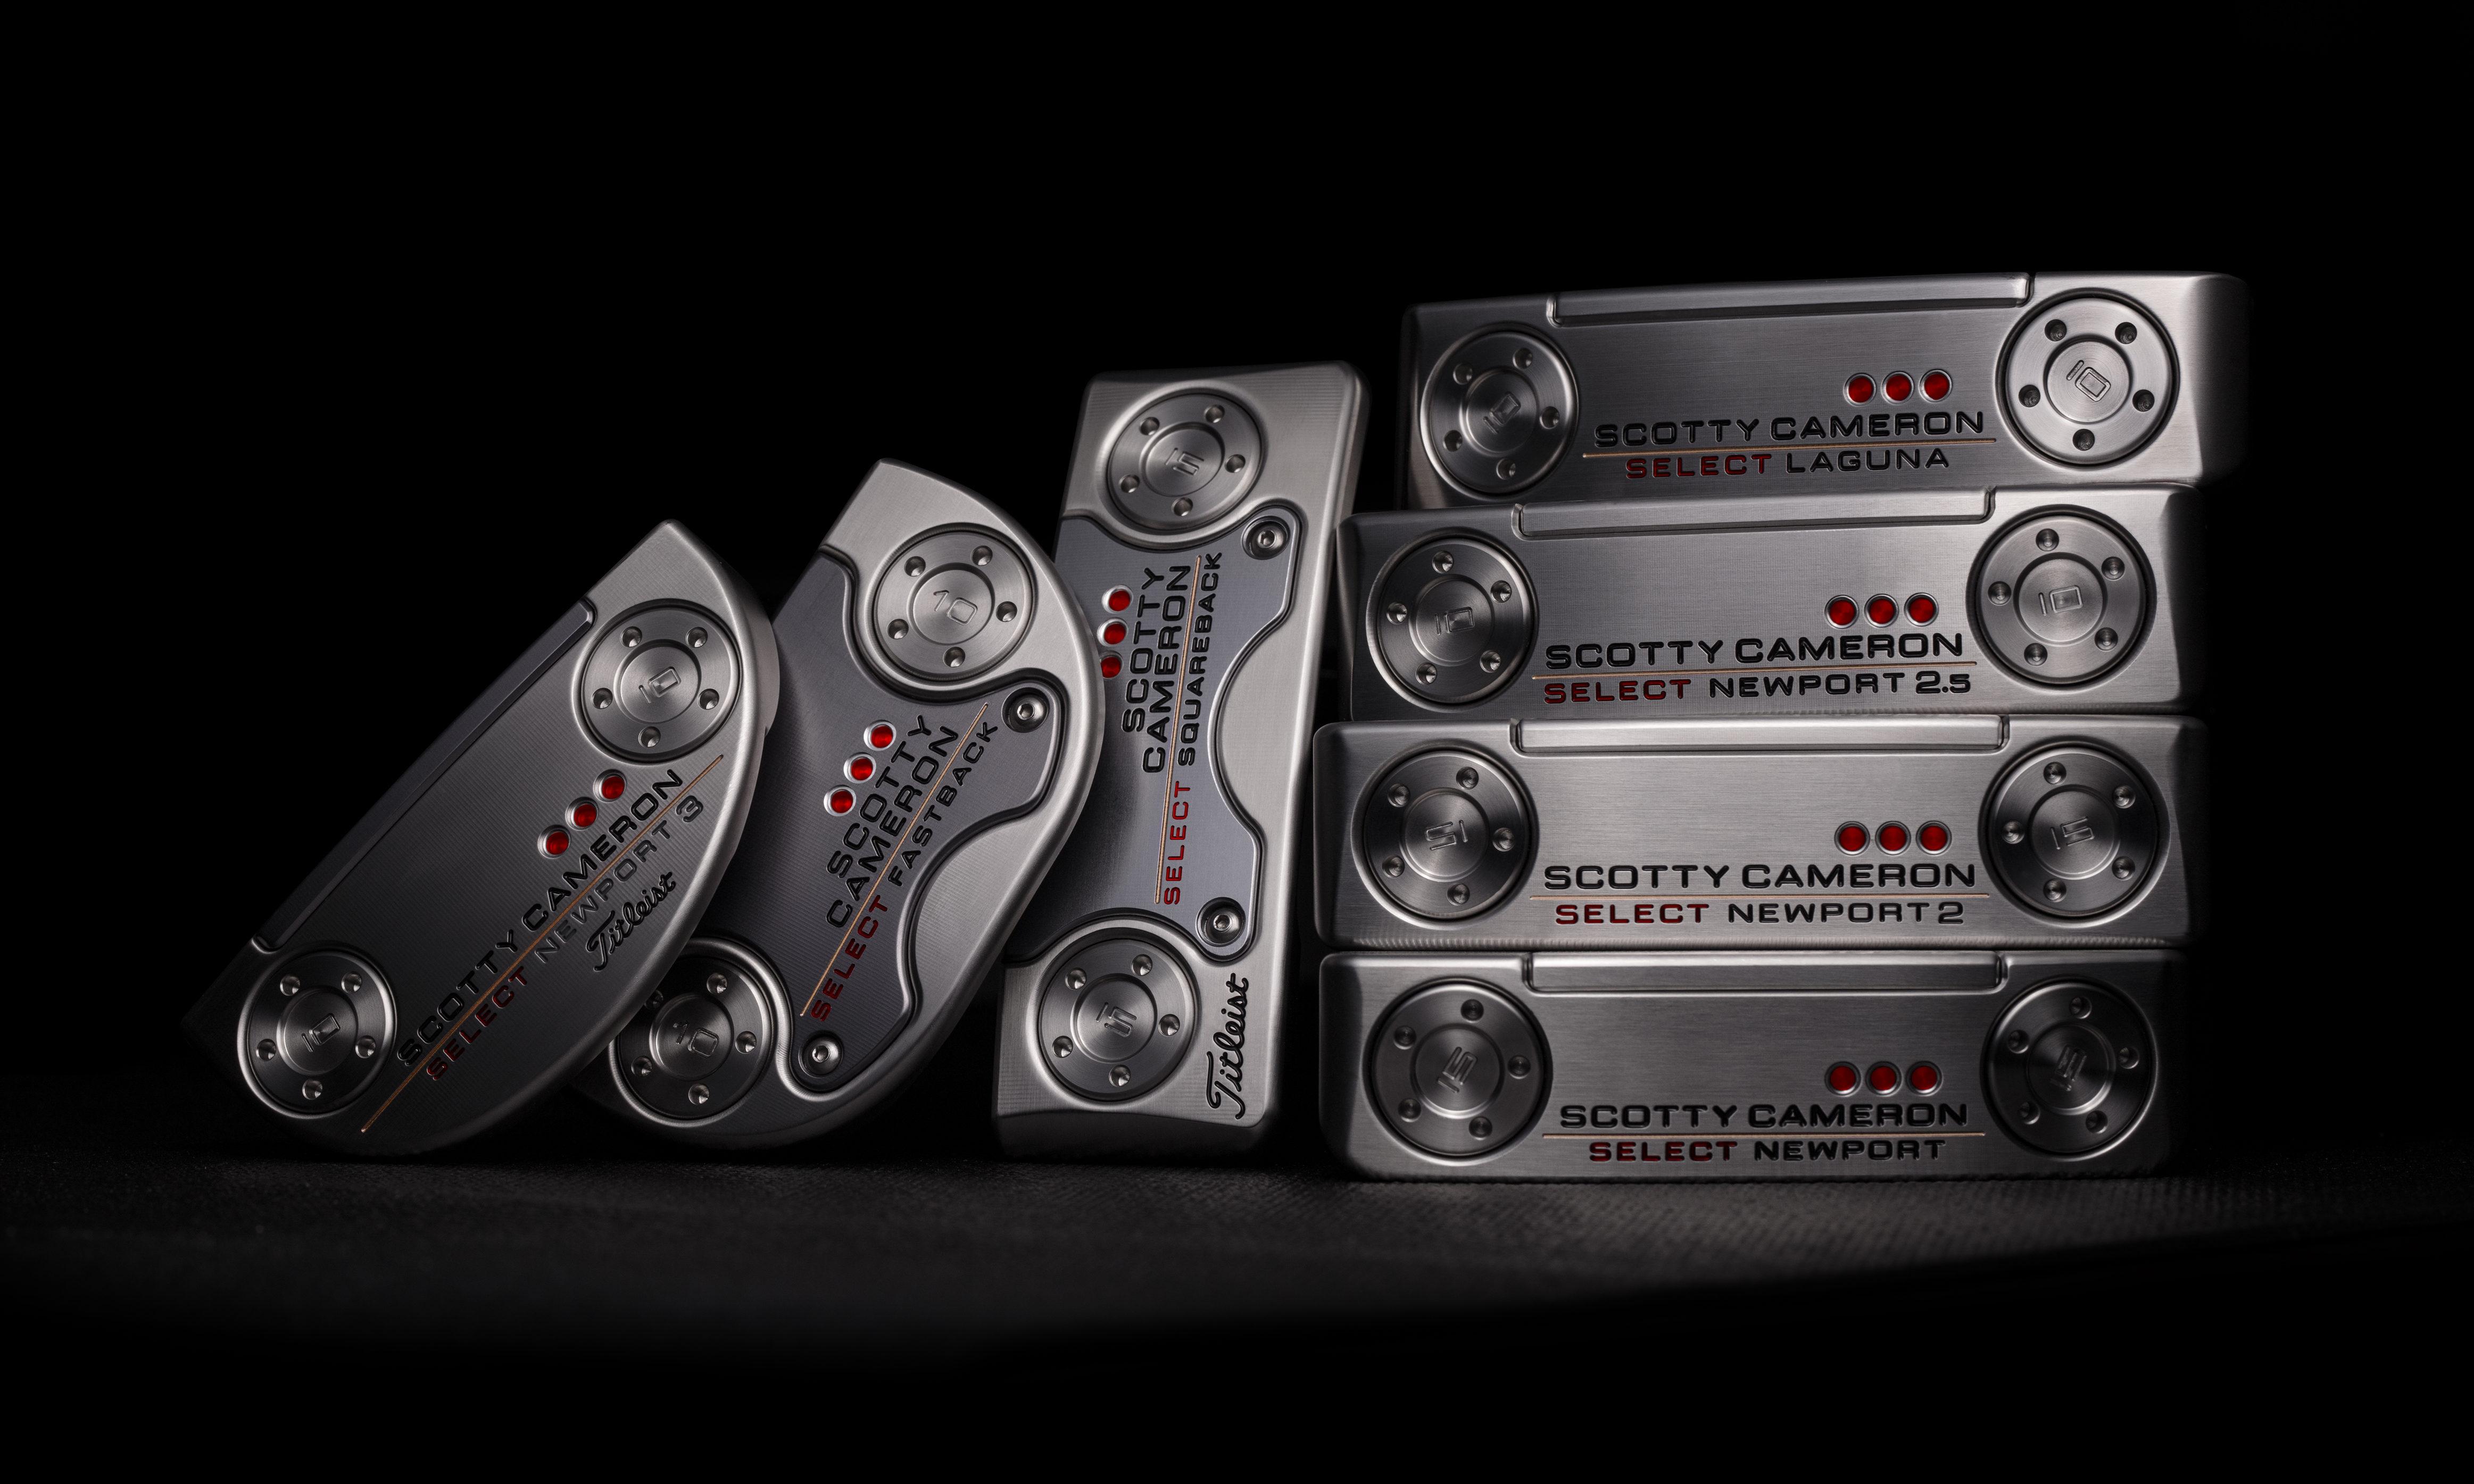 Scotty Cameron lancerer nye modeller: Se dem her